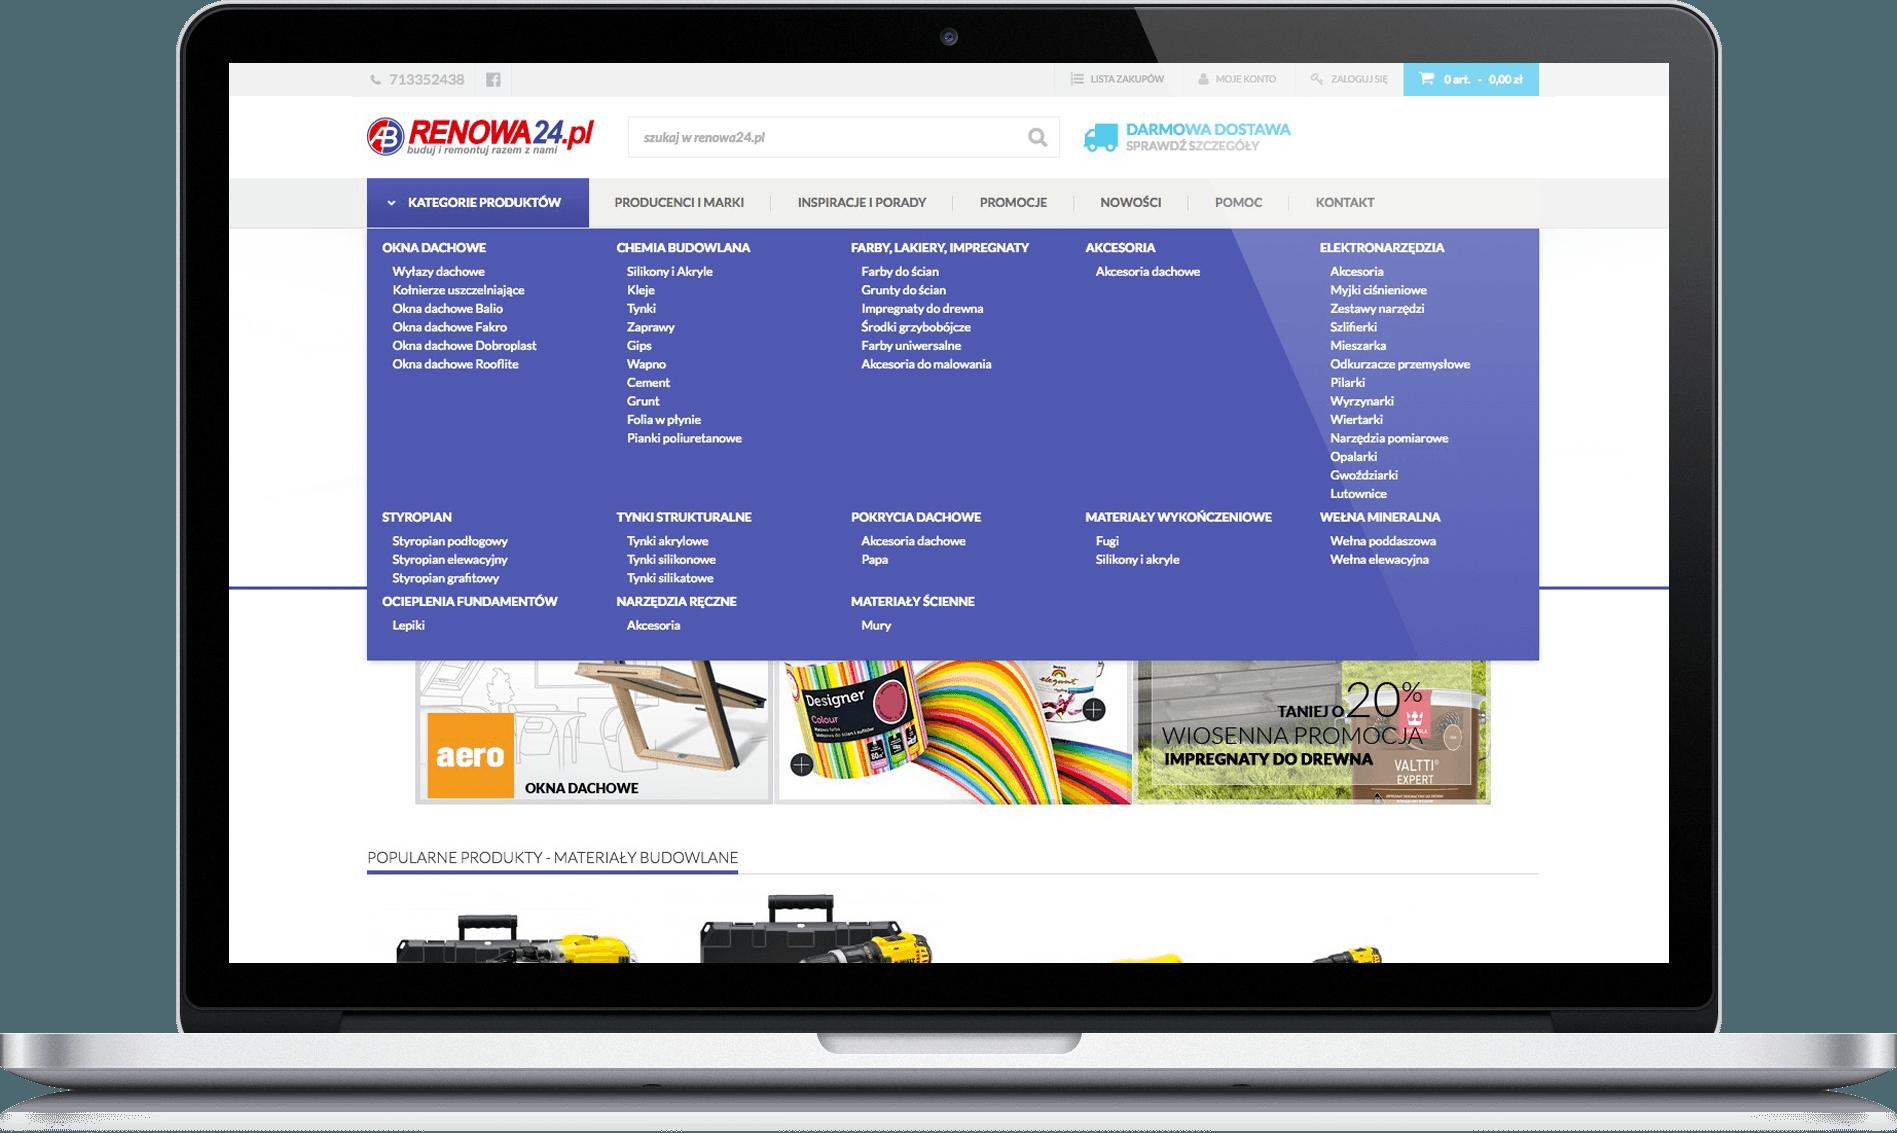 renowa24 home page